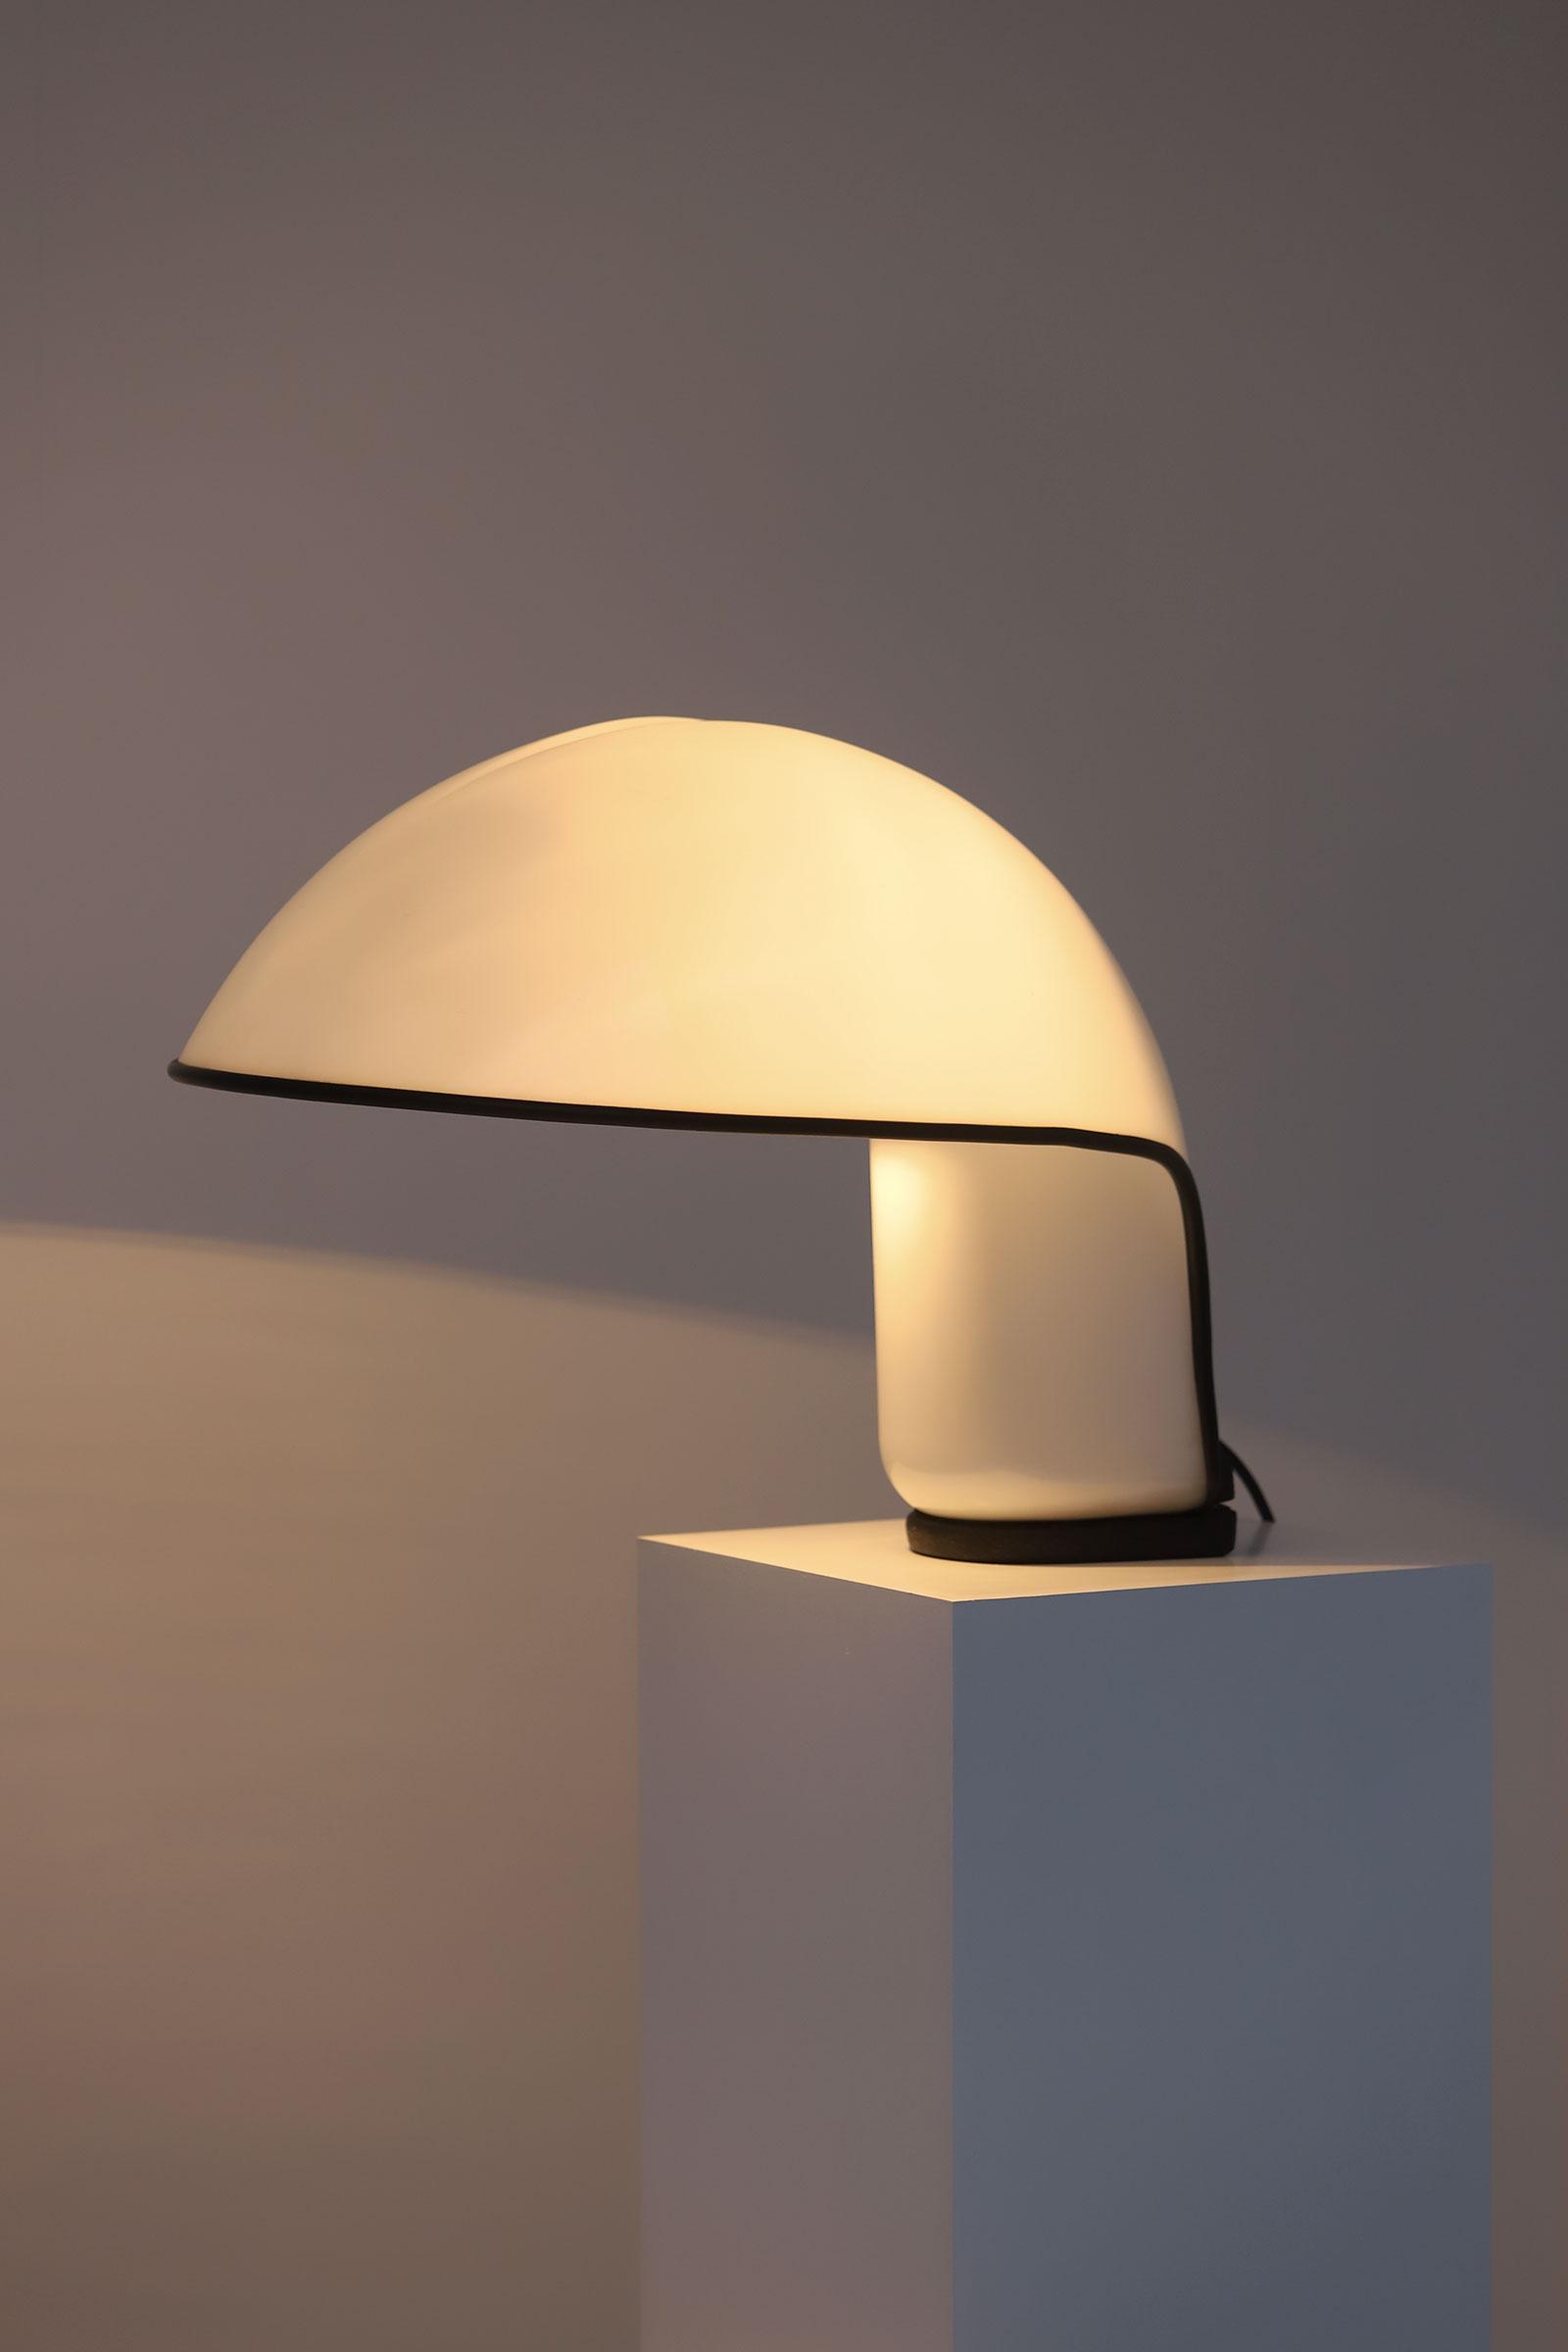 Albanella Table Lamp by Sergio Brazzoli & Ermanno Lampa for Guzzini